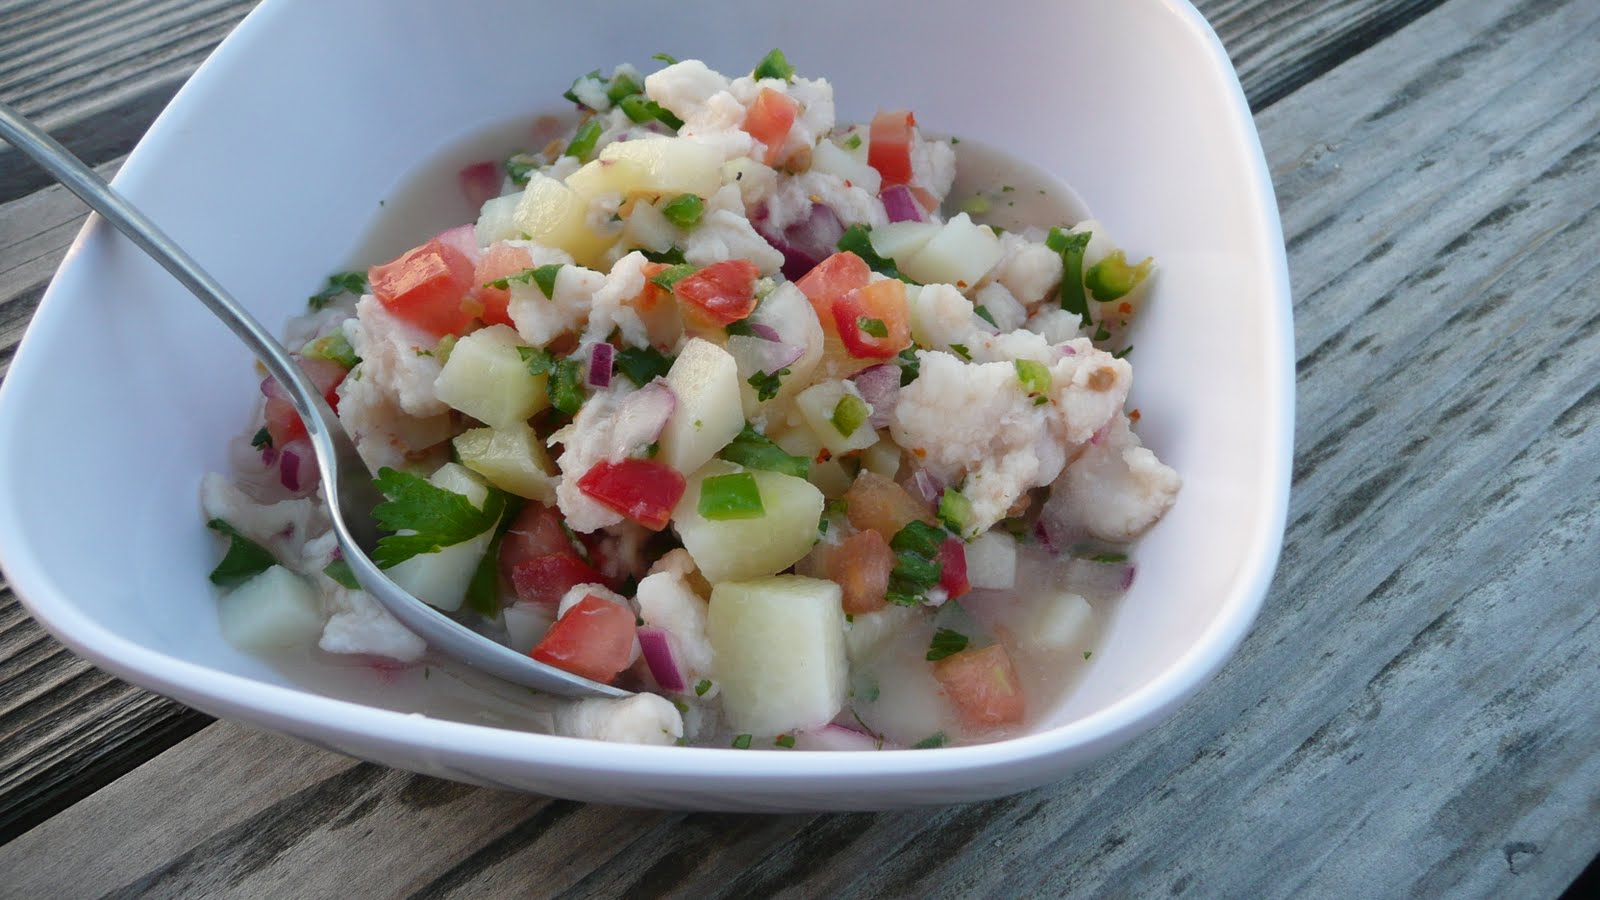 Viva la Cocina: Ceviche de Pescado (Fish Ceviche)